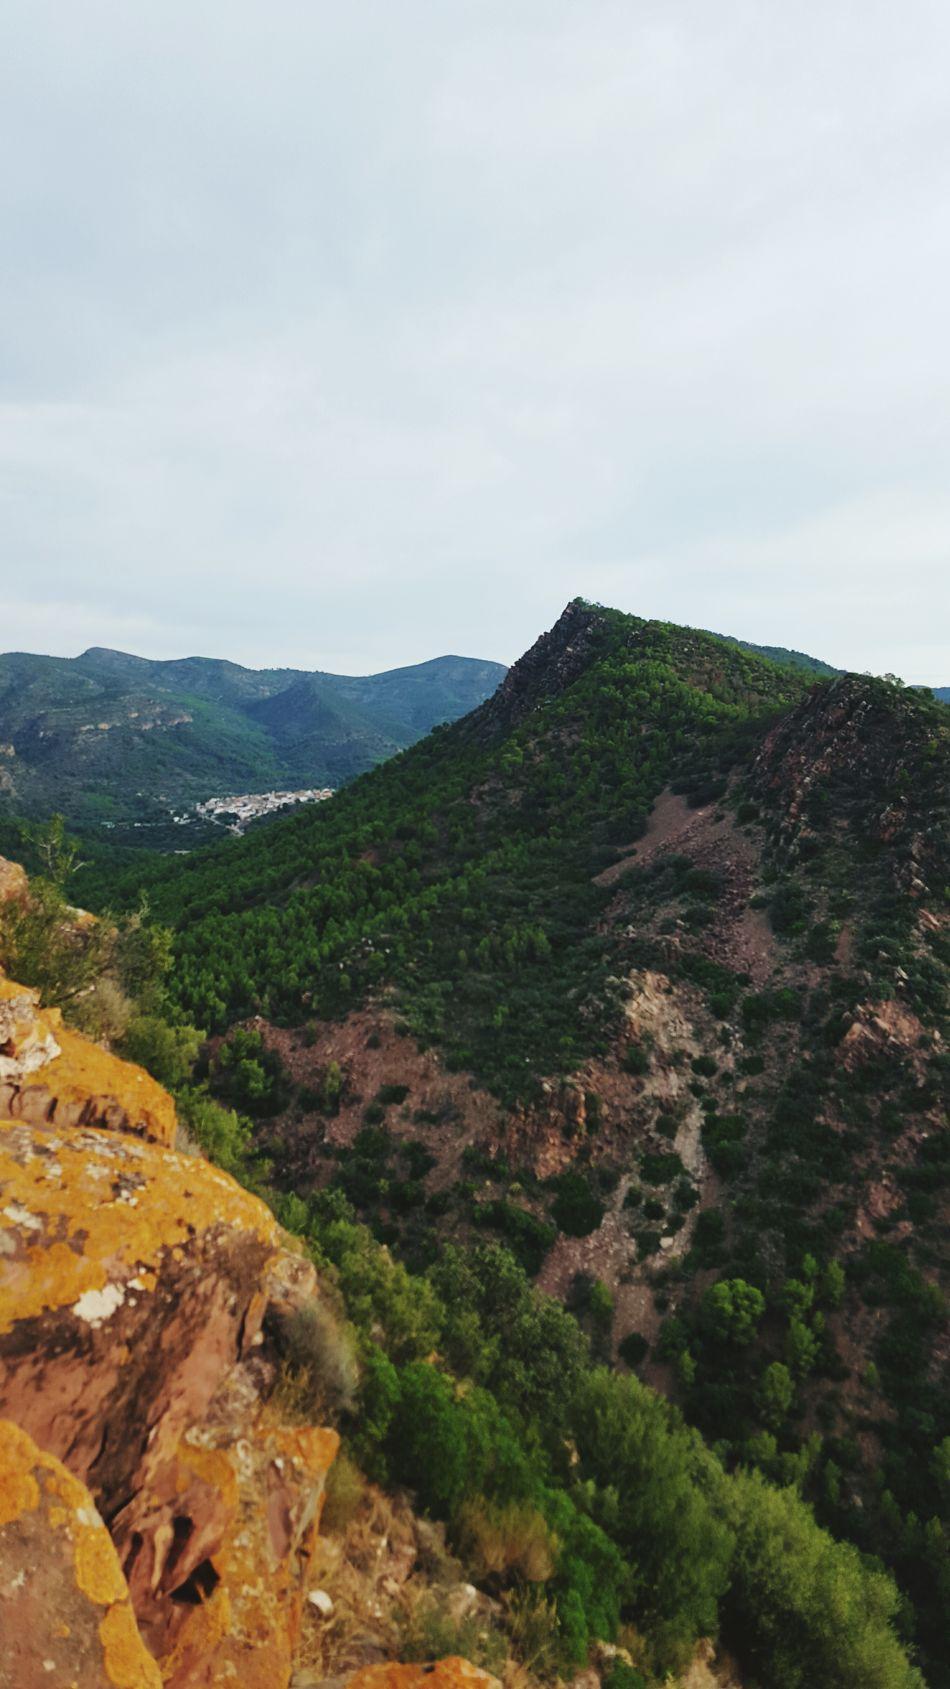 Montana Montana Trailrunning Trail Running Sierra Calderona